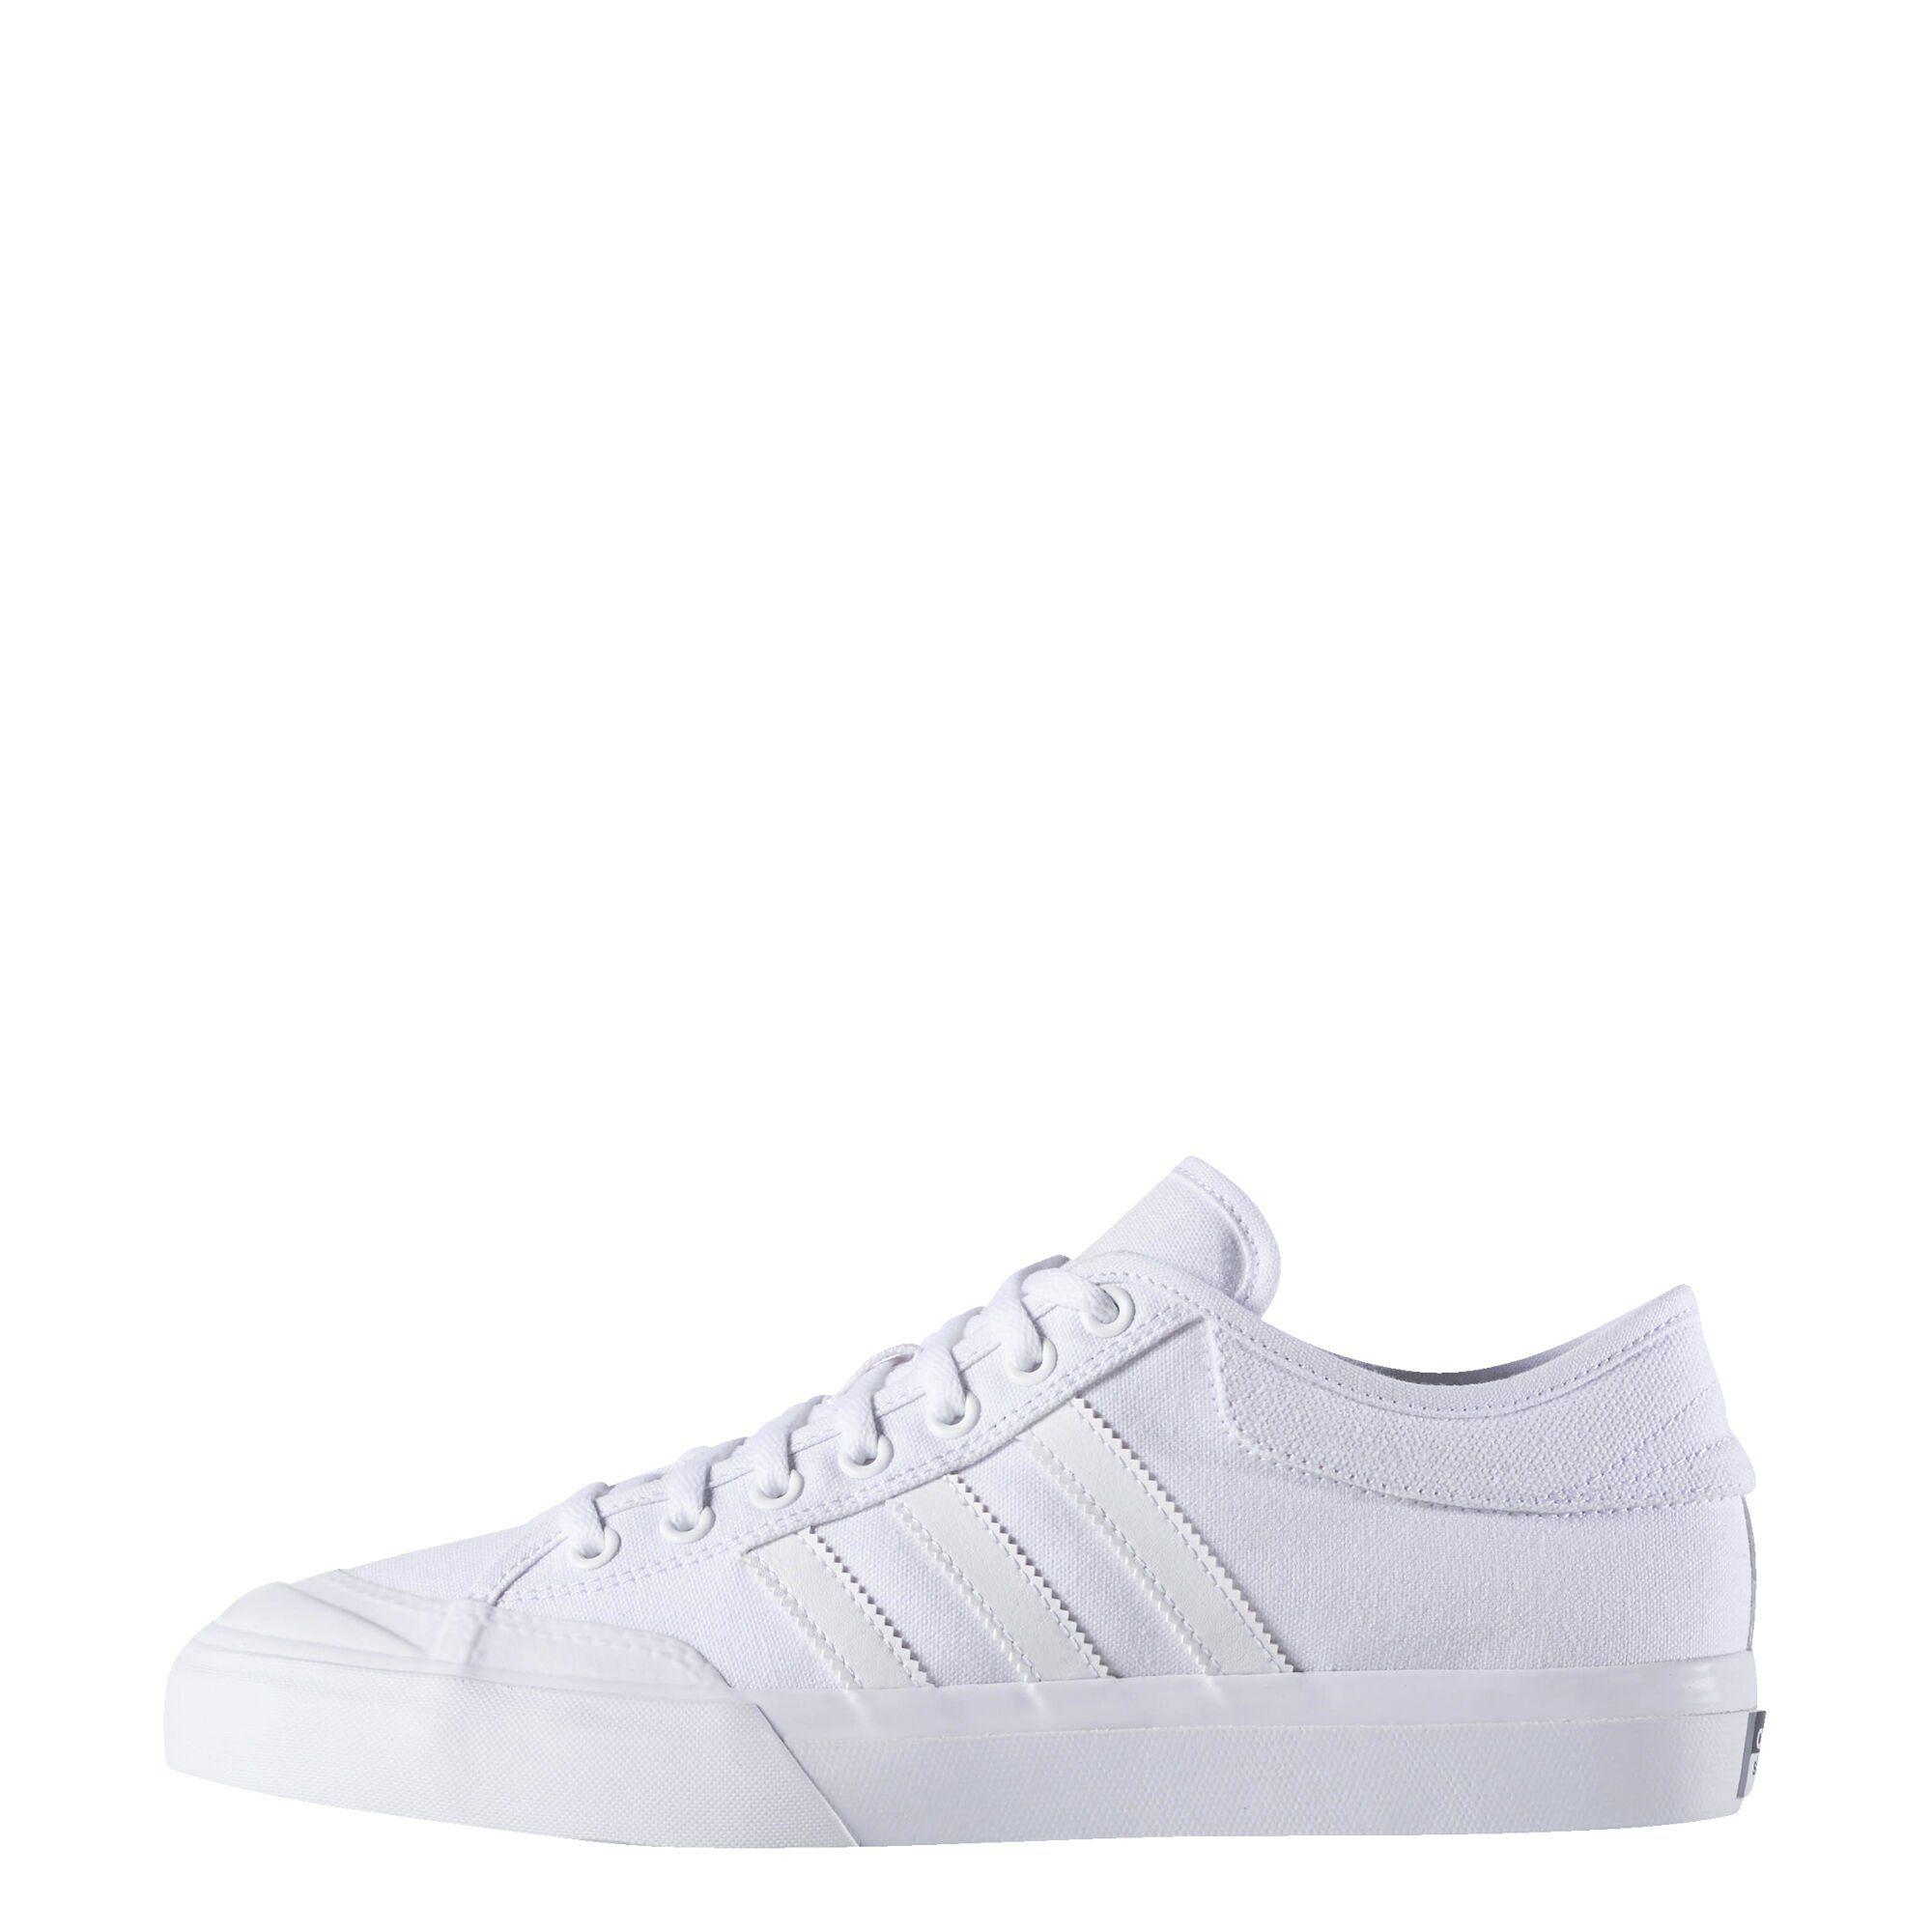 adidas Originals »Matchcourt Schuh« Sneaker Matchcourt online kaufen | OTTO